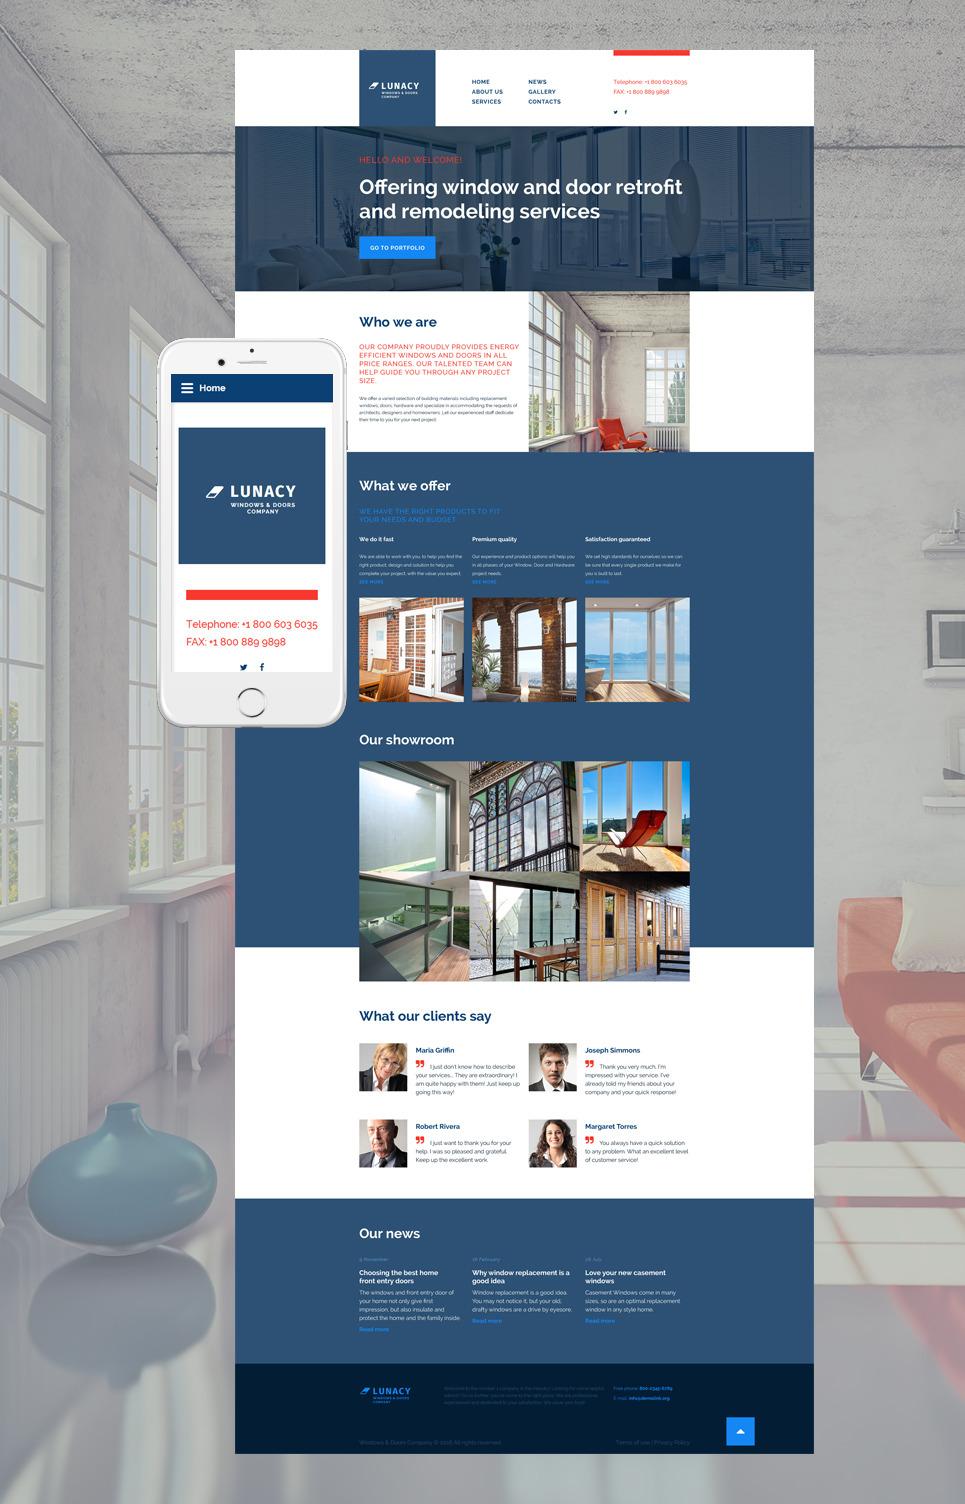 Windows Doors Website Template New Screenshots BIG & Home Decor Web Template